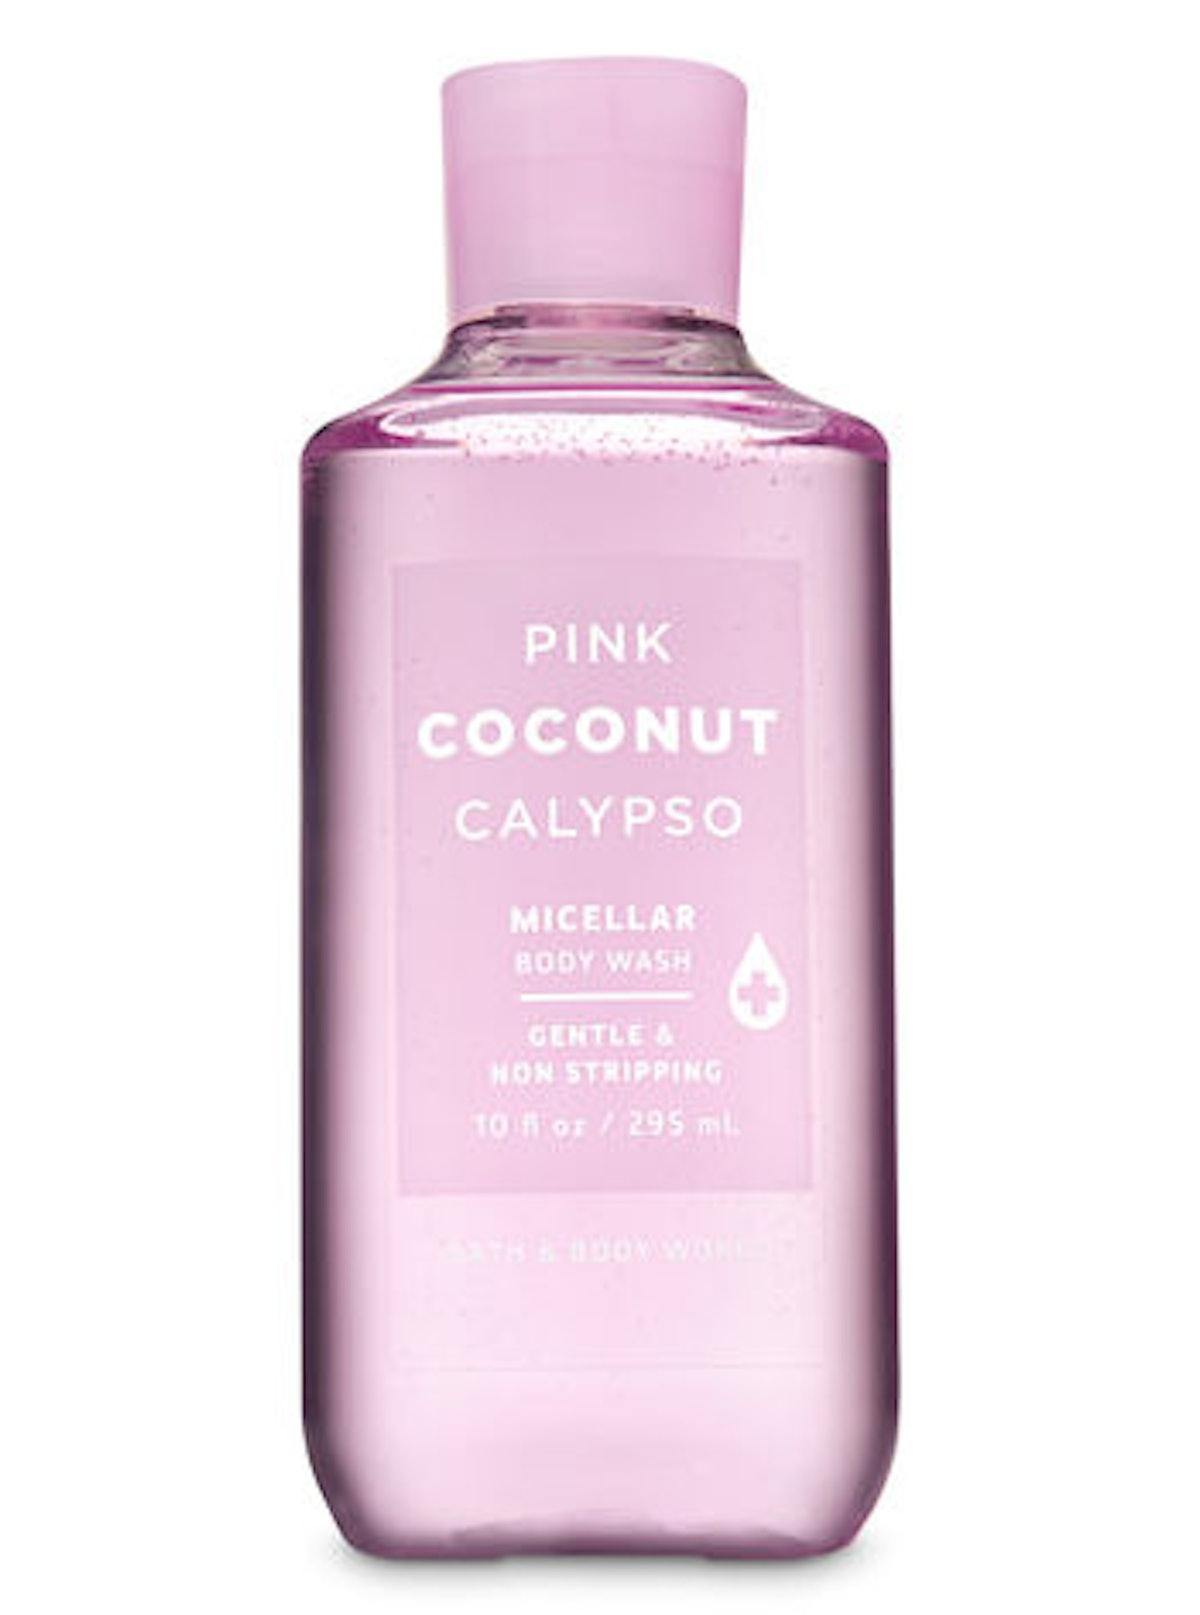 PINK COCONUT CALYPSO Micellar Body Wash